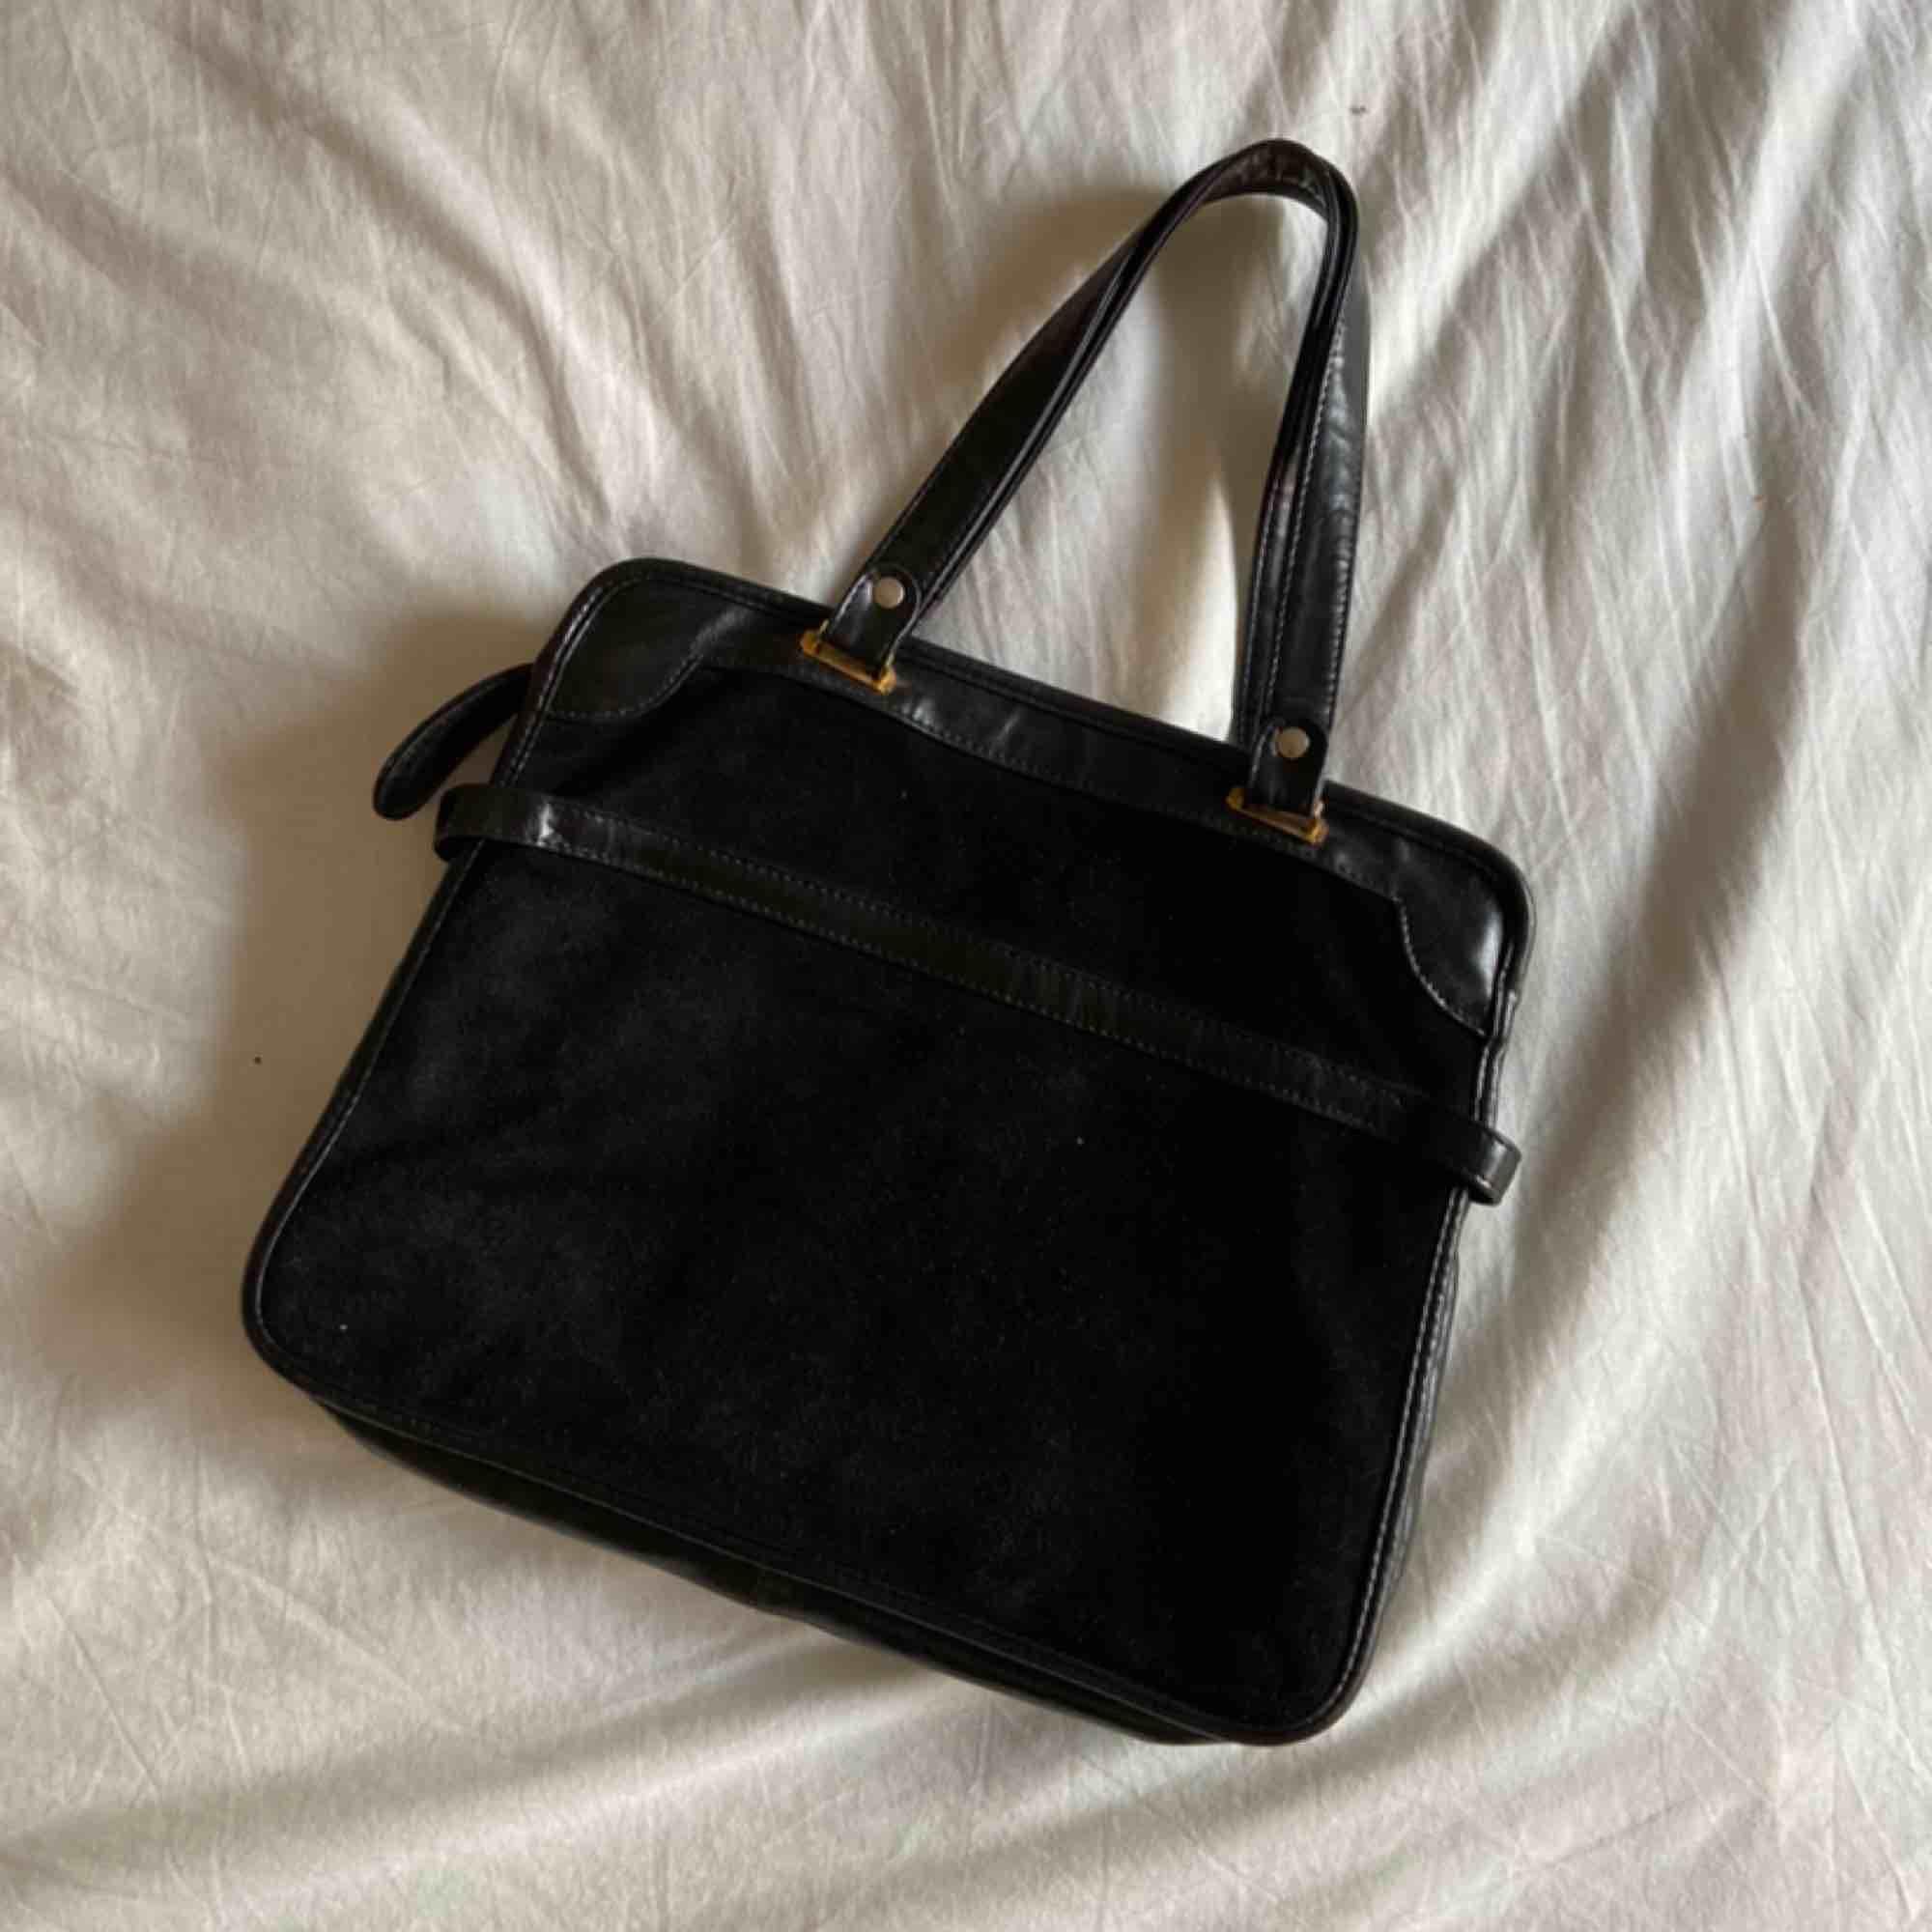 Mycket gammal och retro väska, supercharmig ändå. Den har förlorat sin svarta färg på framsidan och har (som en kan se på bilderna) börjat skifta till brunt, detta syns egentligen mest i sol.  Frakt: 63kr. Väskor.